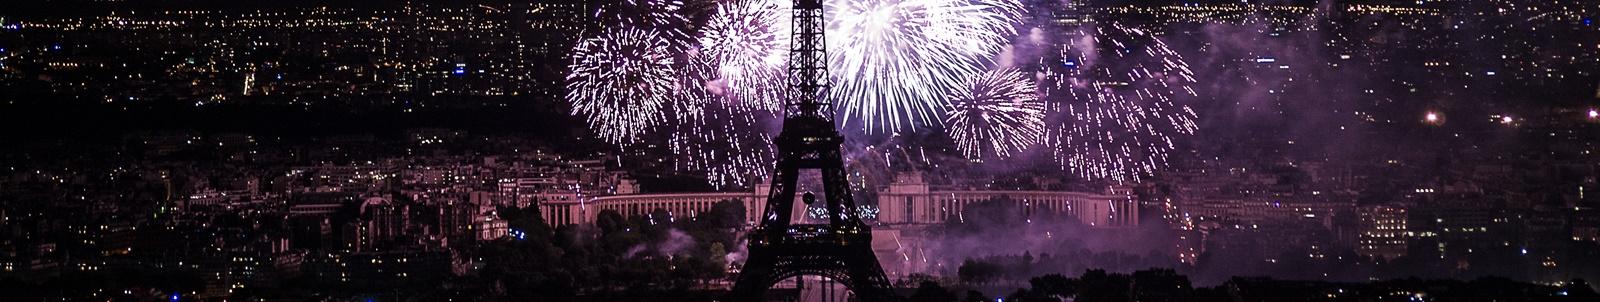 concierto-Paris-2014-14-julio